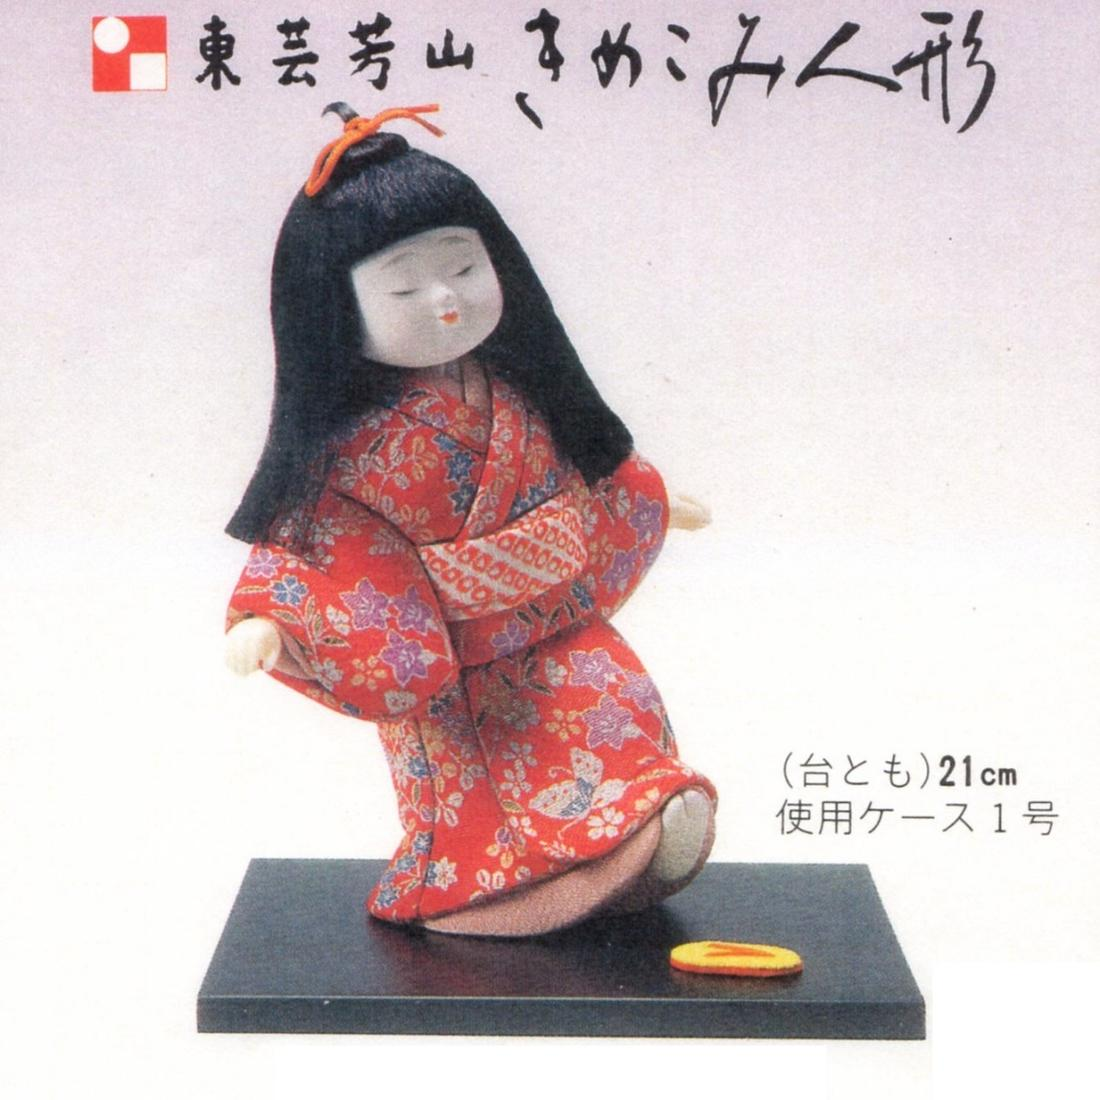 東芸 木目込人形キット「童女・天気になあれ」 H191-01